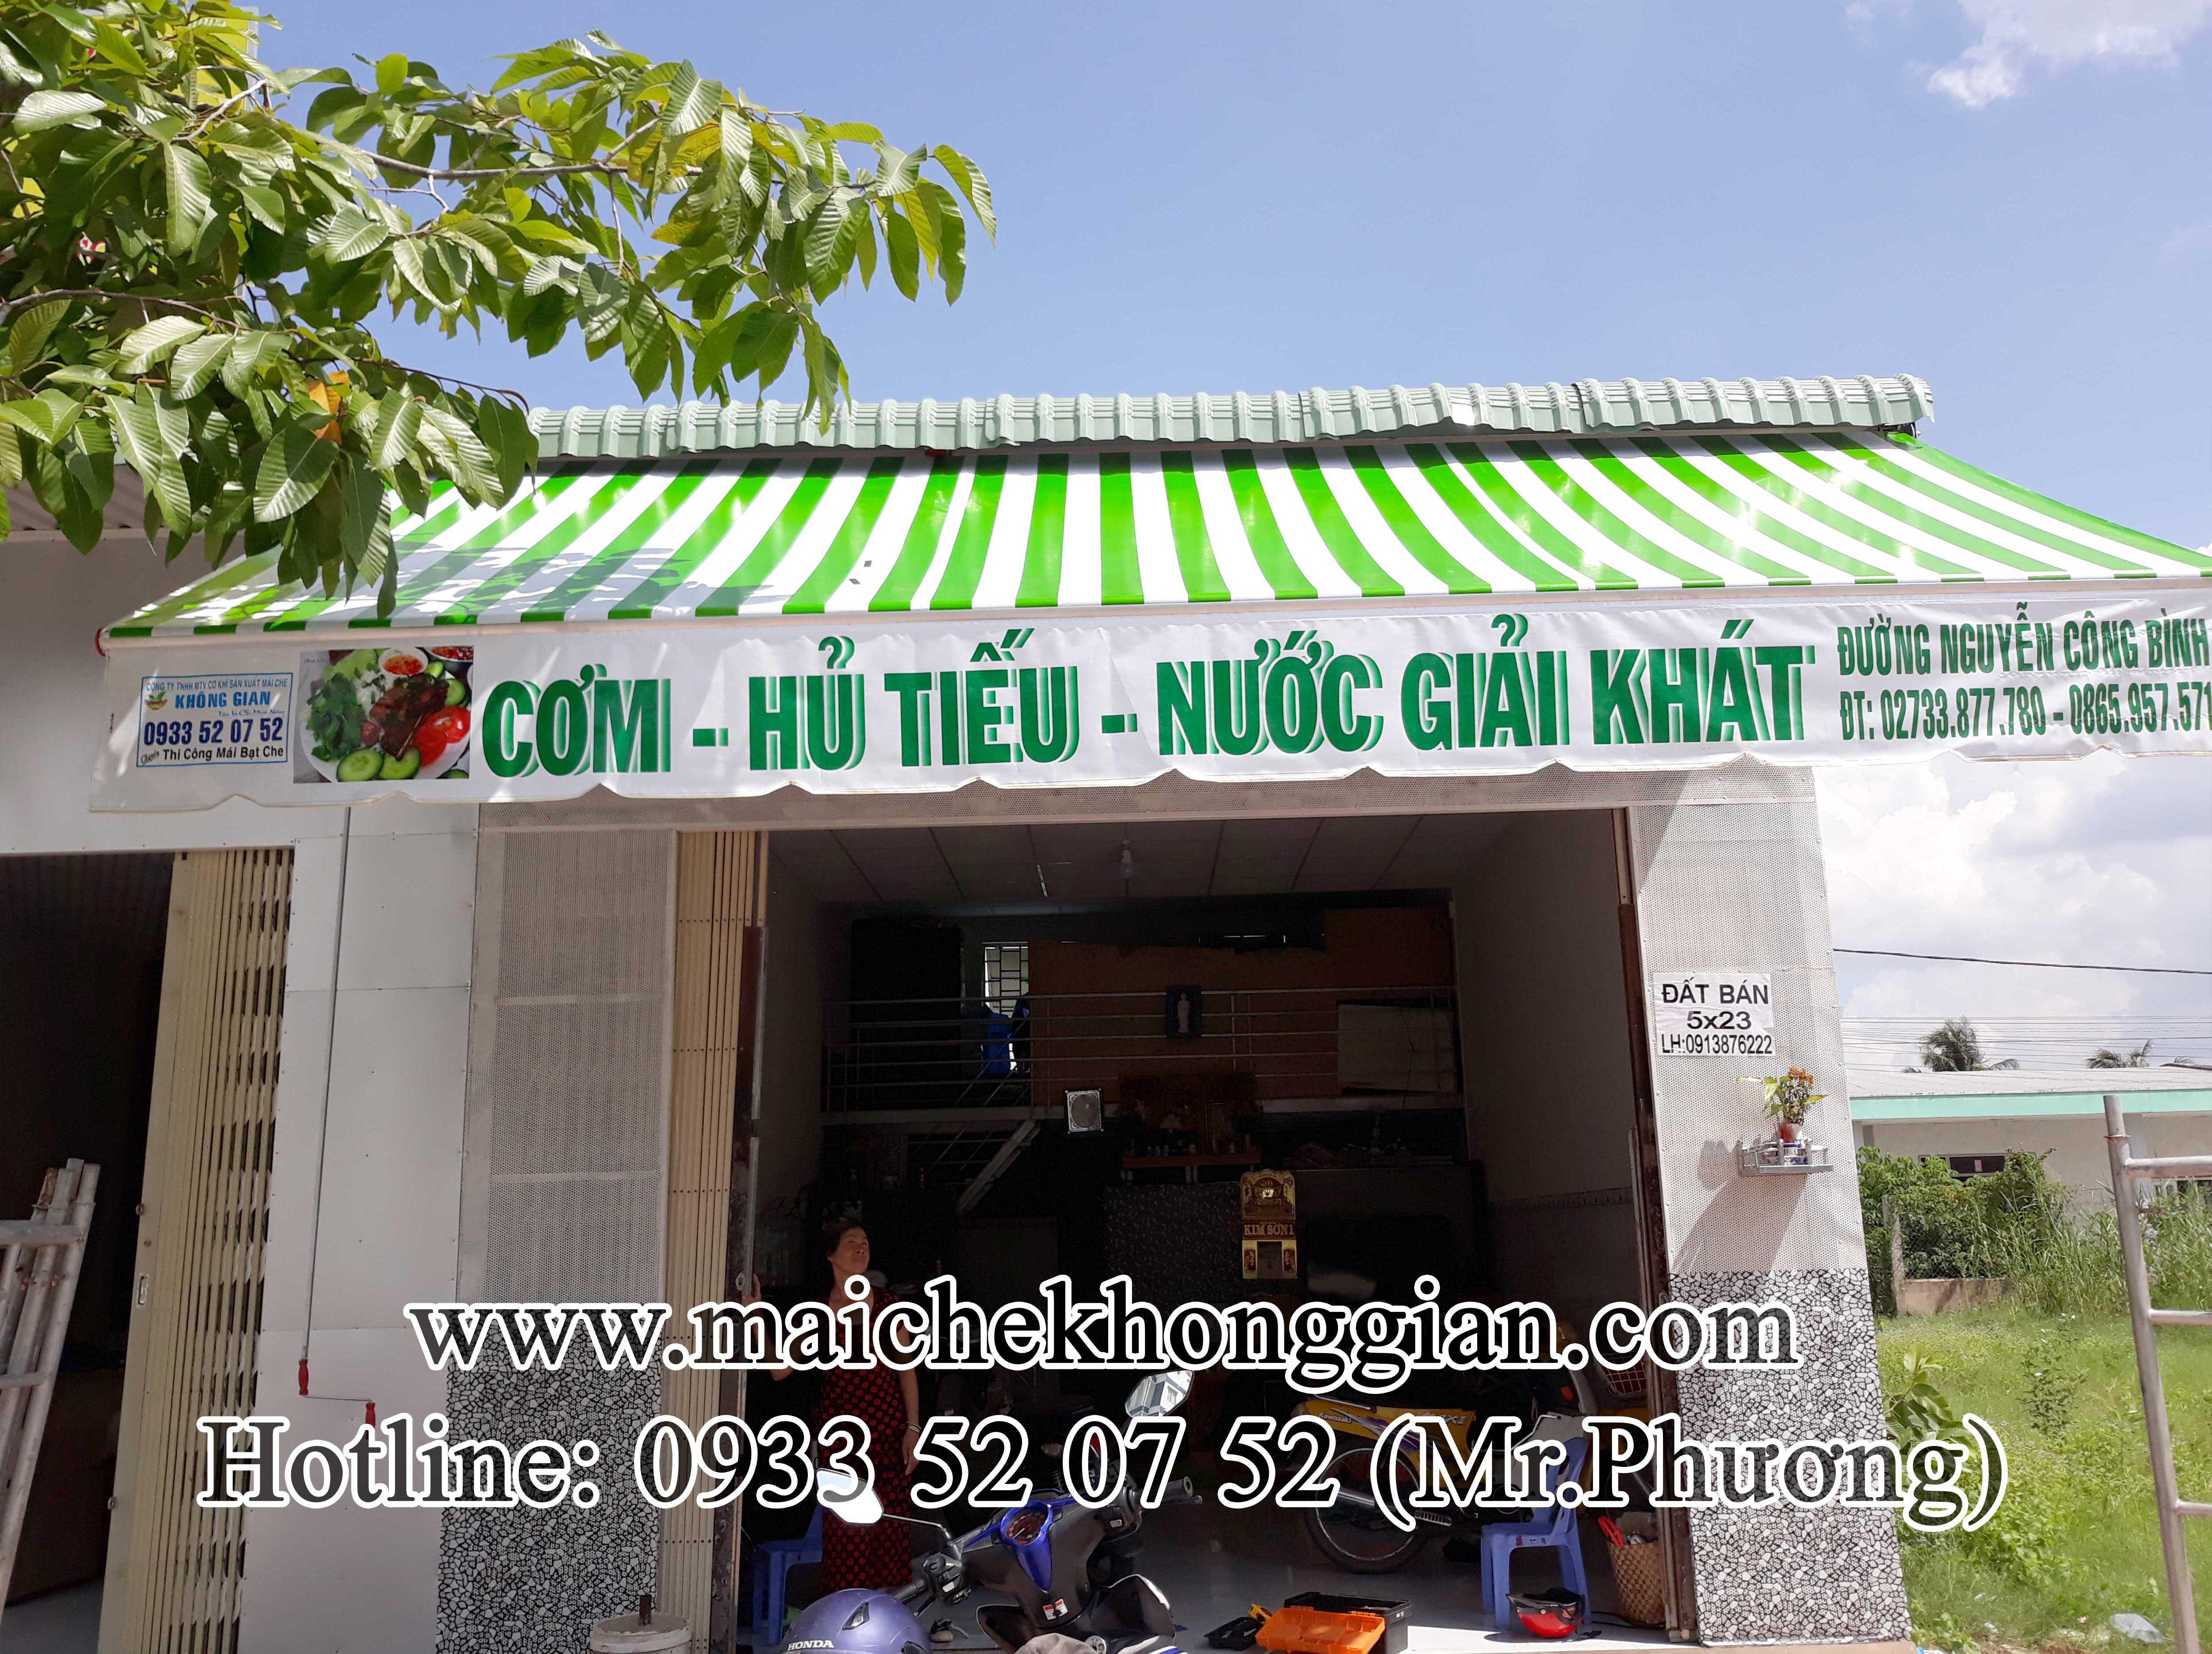 Mái hiên Quận Bình Thạnh Tp HCM